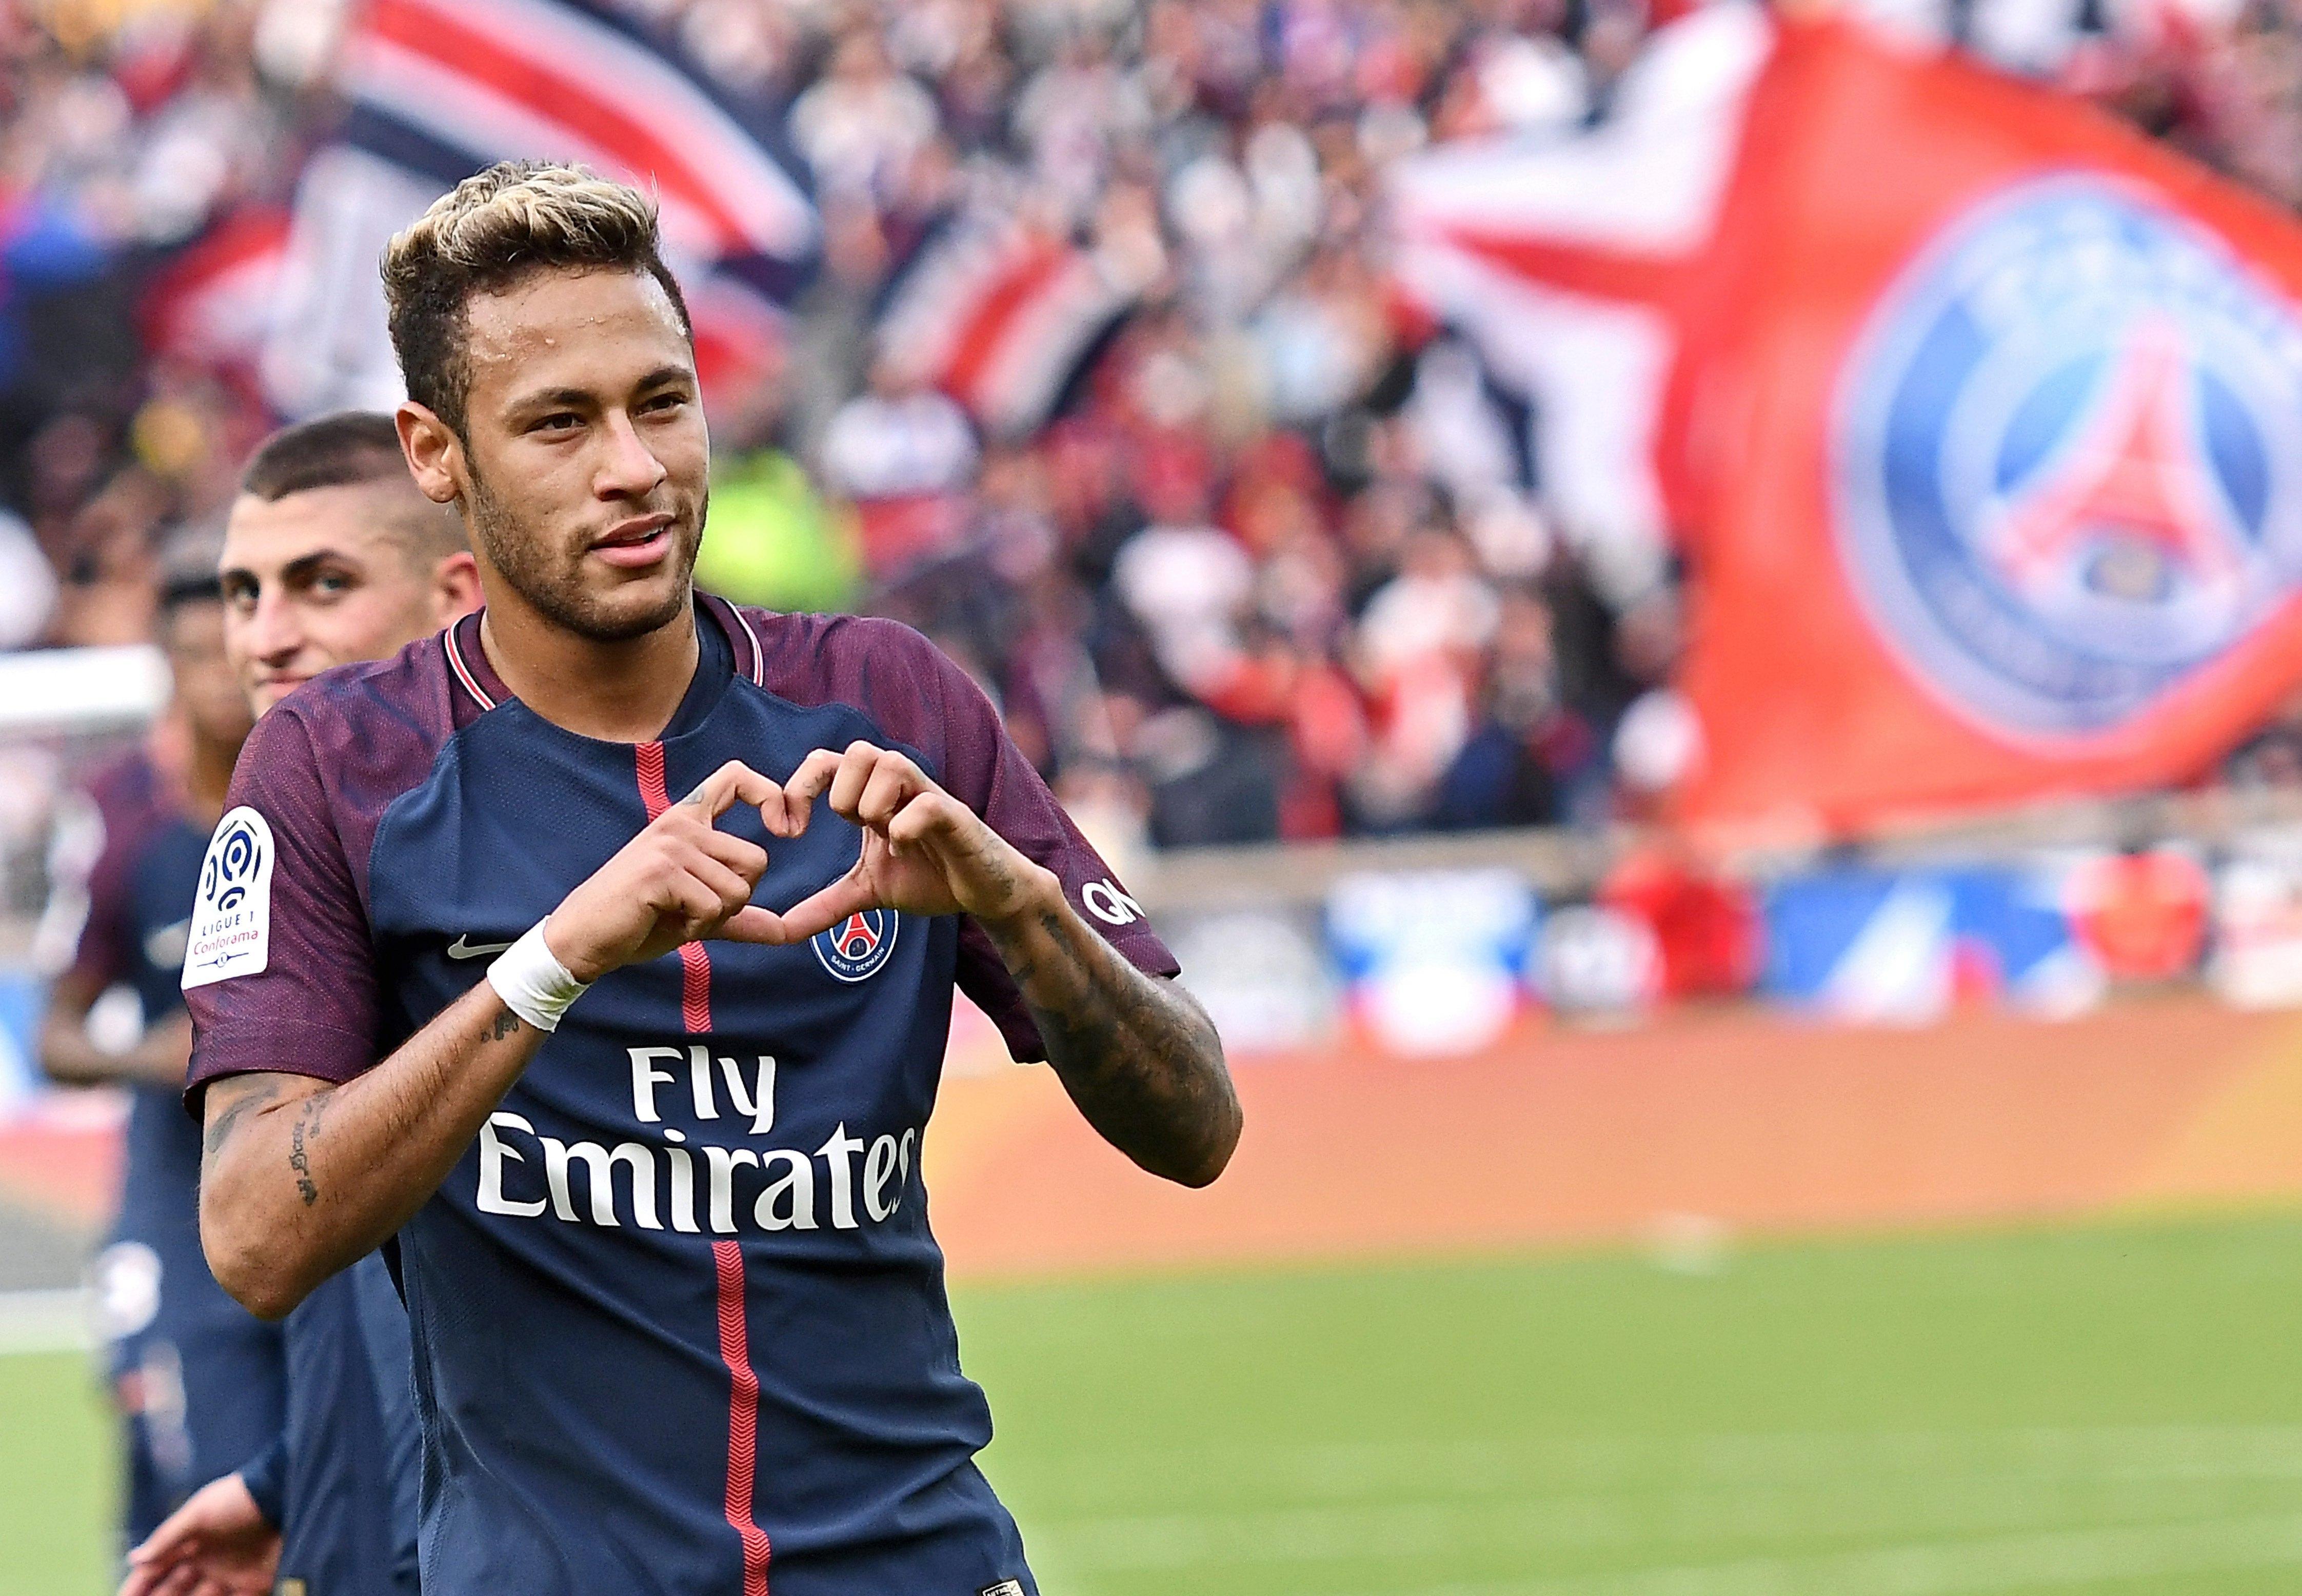 Neymar left Barcelona to join PSG in world-record £198m transfer